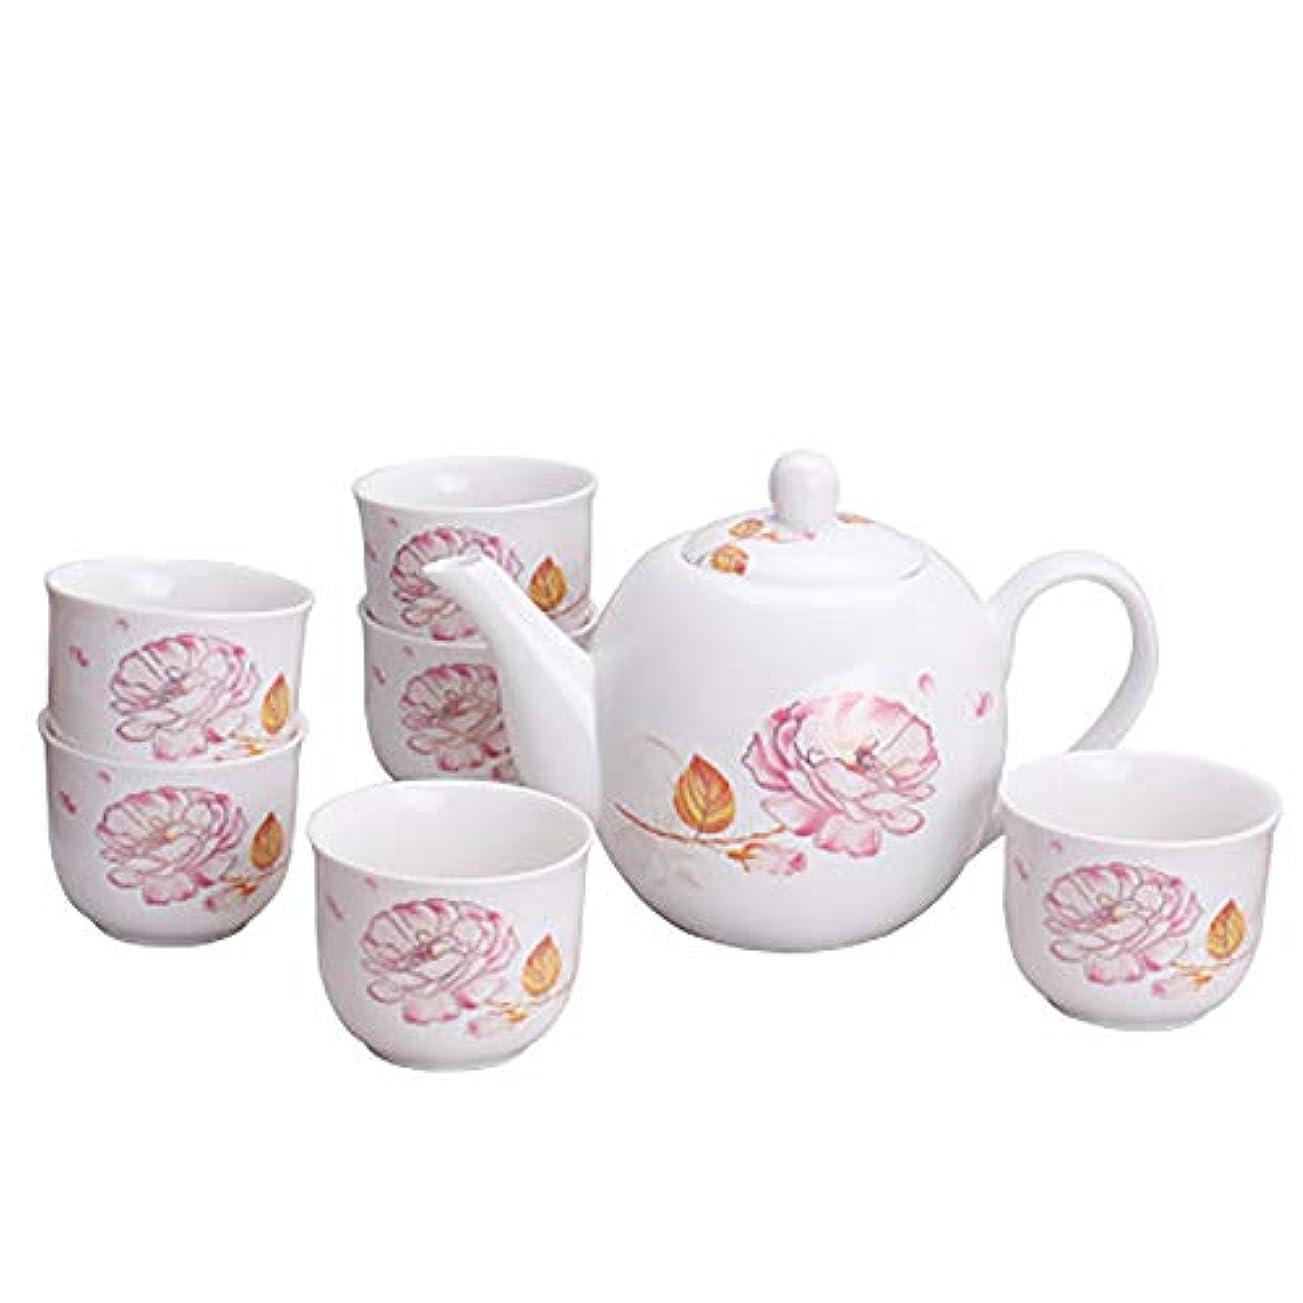 ちなみに広範囲に東磁器の茶は家によって家およびオフィスのコーヒーのための1つのティーポットの棚が付いている6 PCのティーカップそしてソーサーを含むイギリスの高貴なシリーズを、置きます